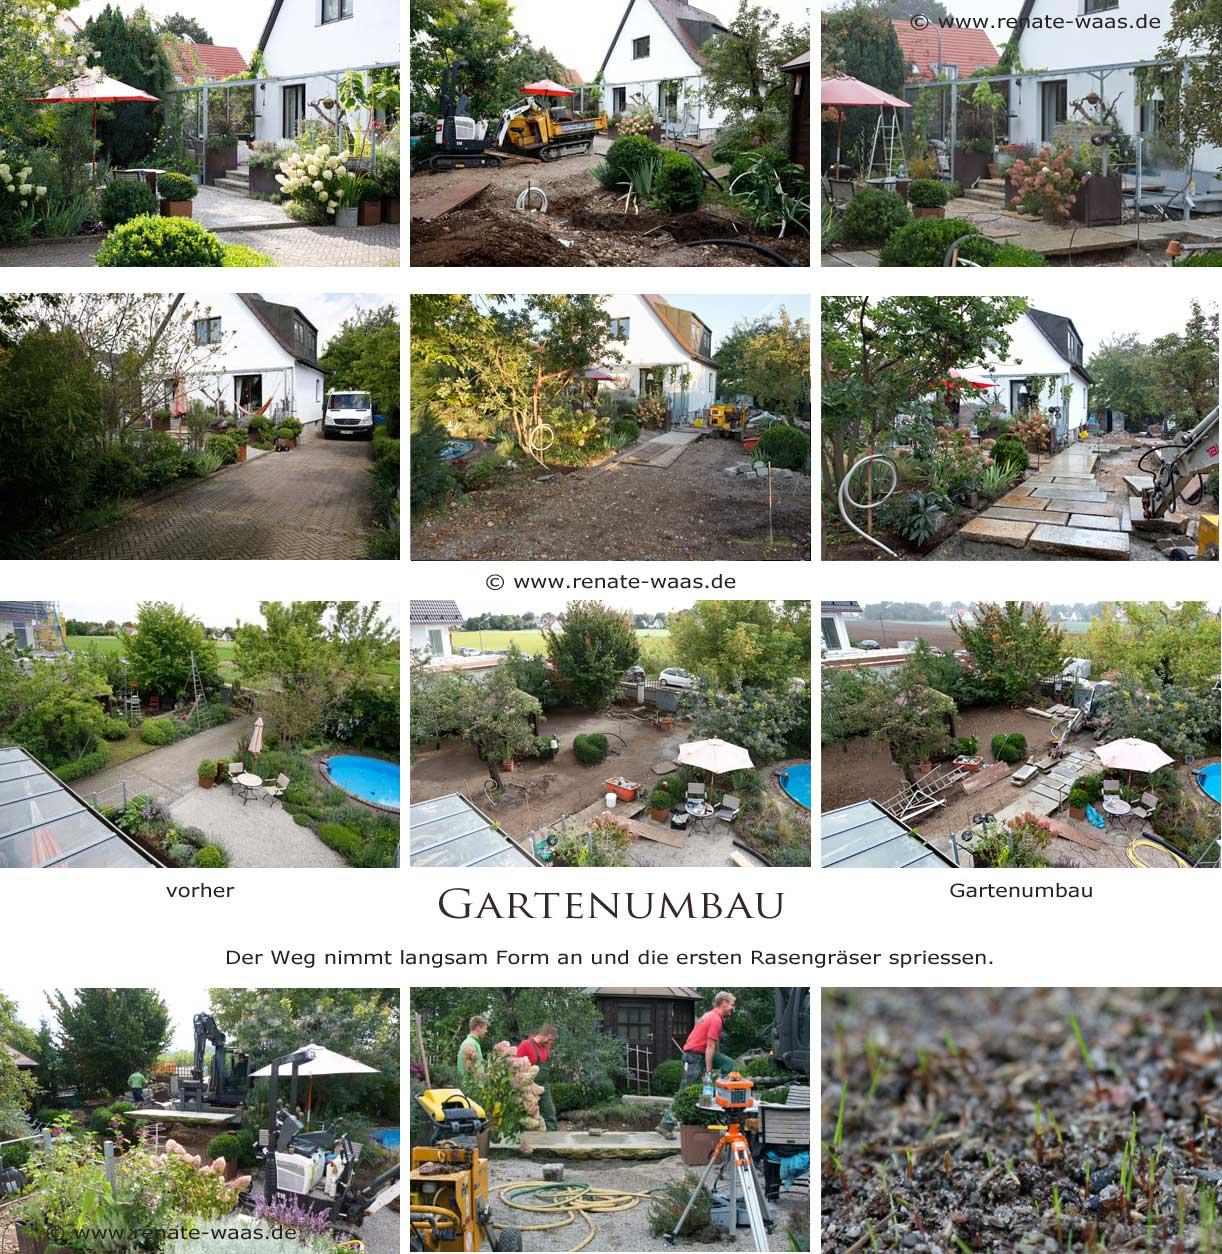 Bilder zur Gartenumgestaltung, Gartengestaltung München